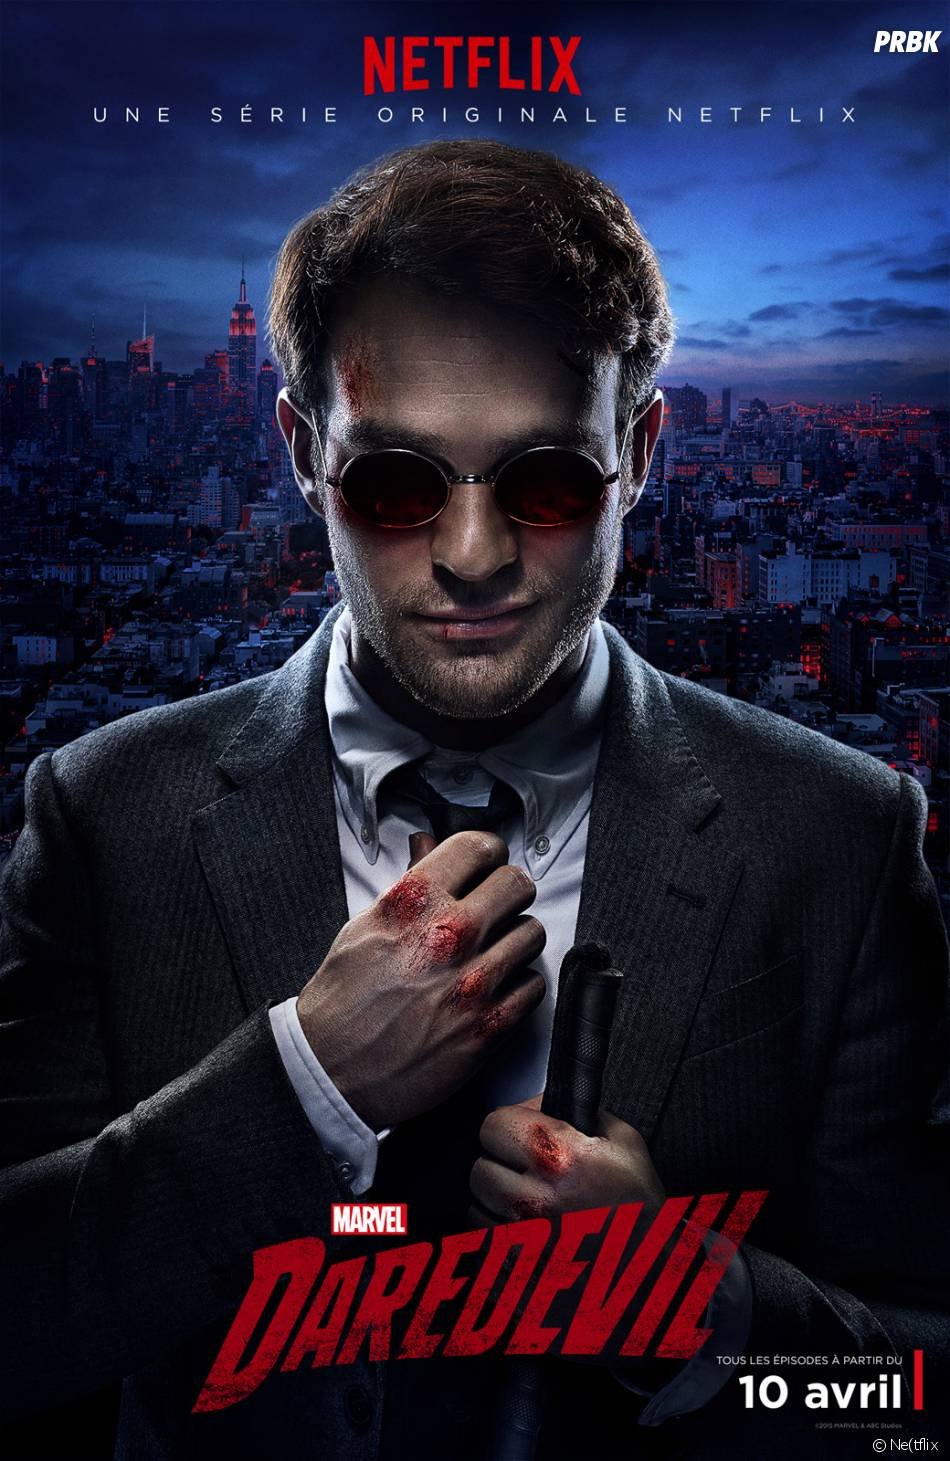 Daredevil : l'affiche de la série